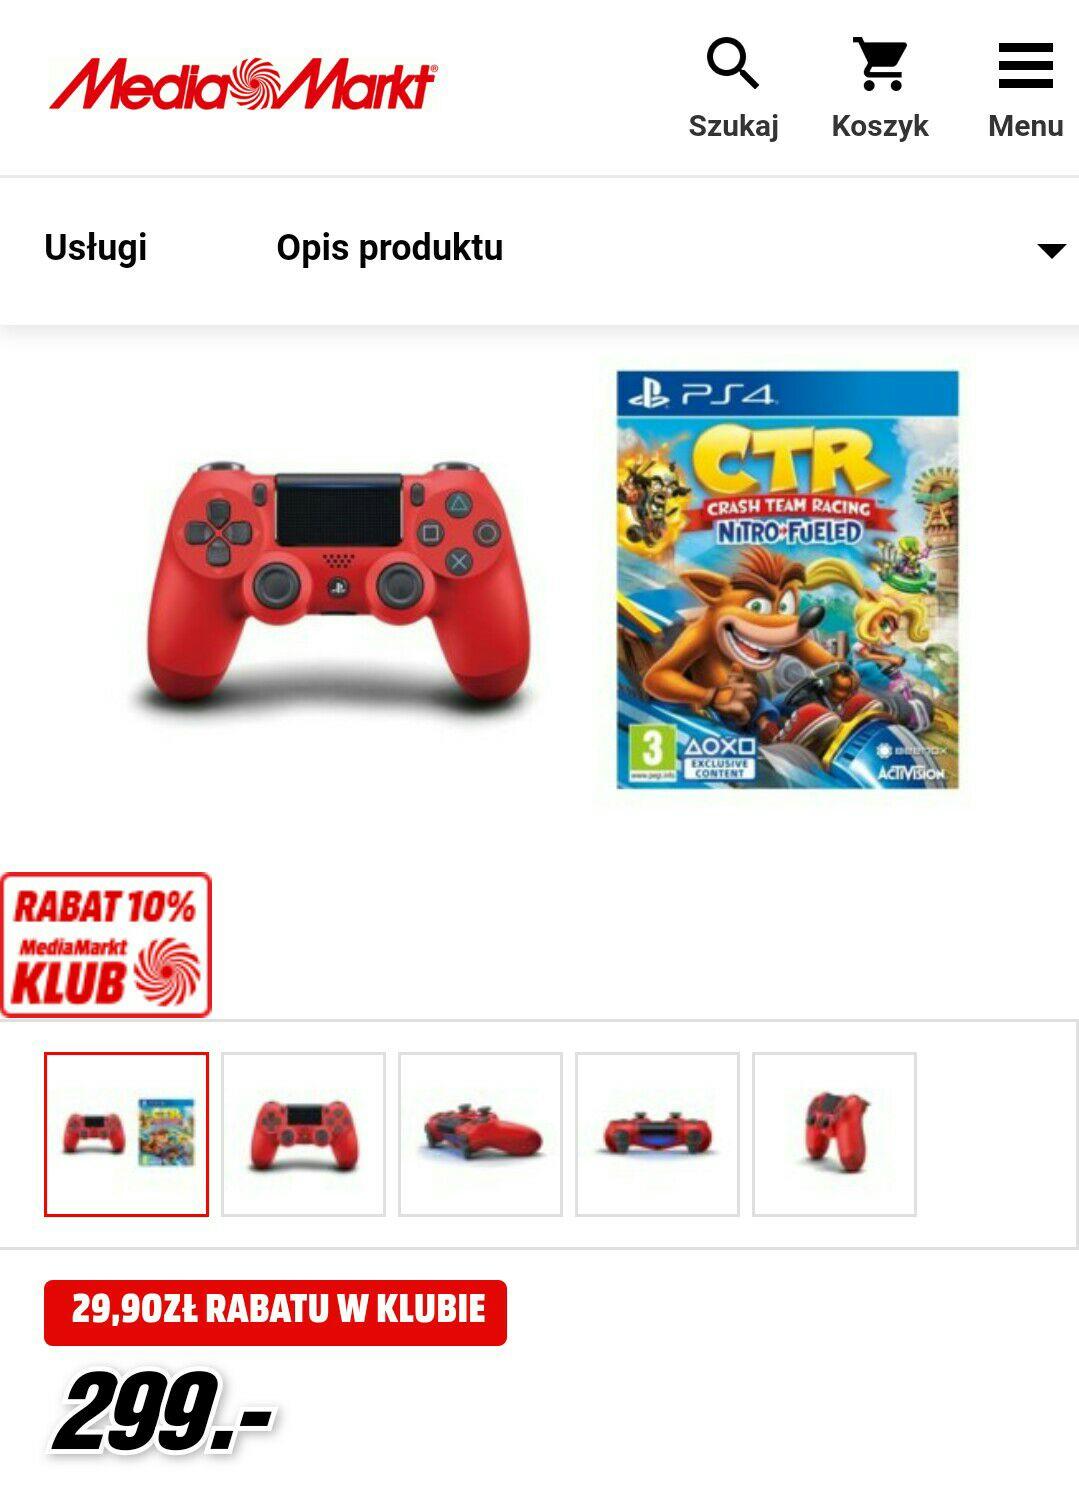 Kontroler bezprzewodowy SONY PlayStation DUALSHOCK 4 v2 Czerwony + Crash Team Racing Nitro-Fueled